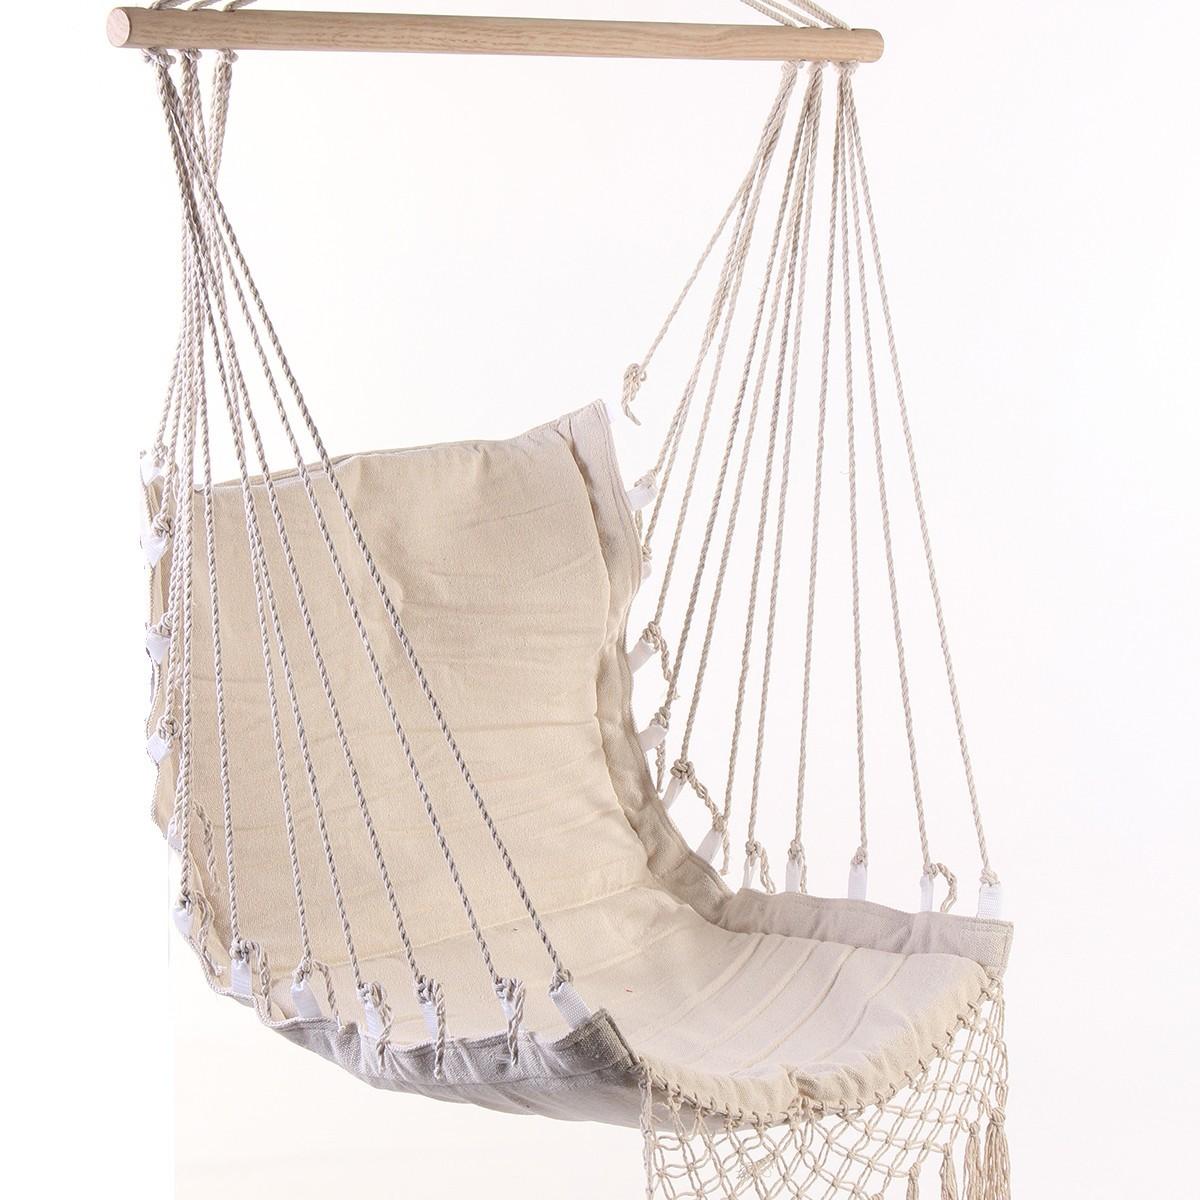 ★お買い得★北欧スタイル デラックス ハンモック 屋外 屋内 庭 寝室 吊り椅子 ハンギングチェア スイング 子供 ノルディック チェア_画像2